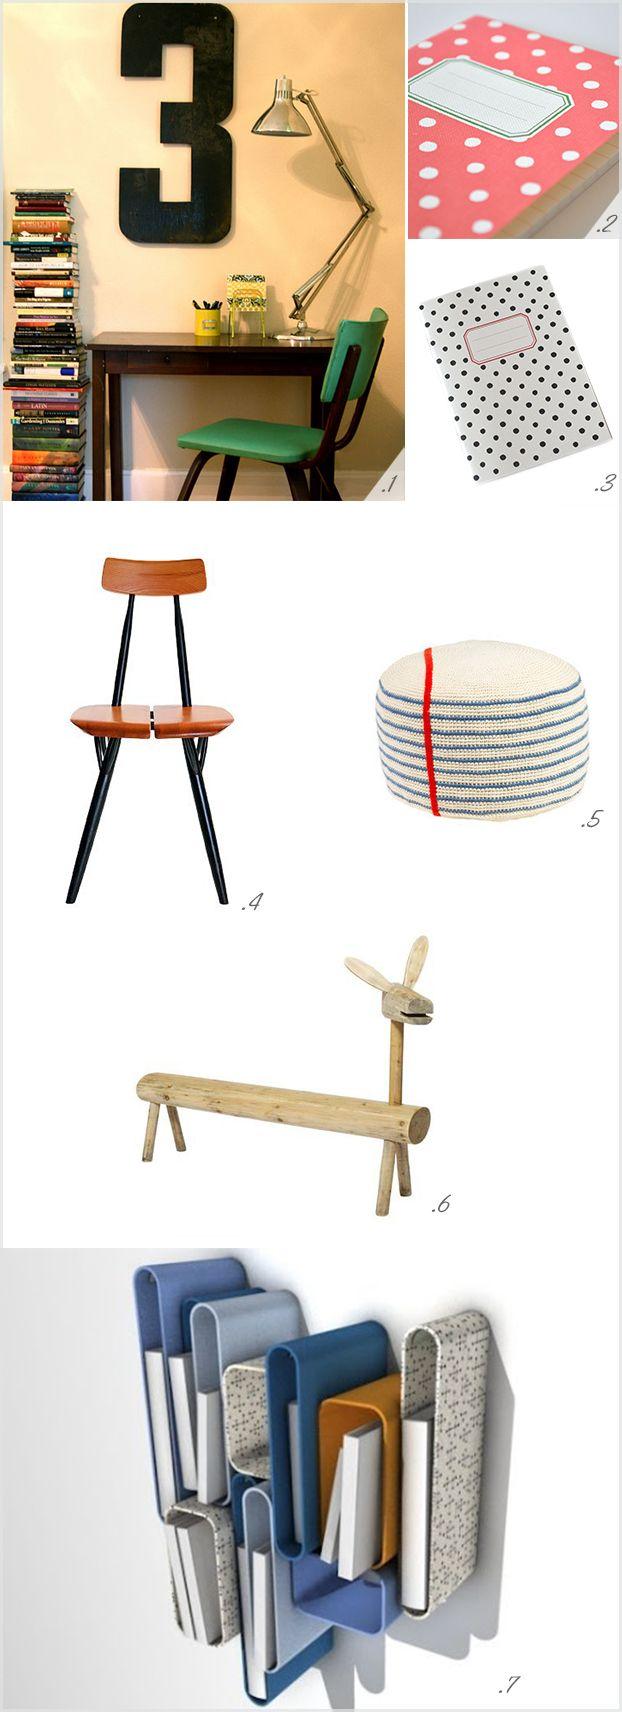 20 20 pour mon bureau bureaus and magazines. Black Bedroom Furniture Sets. Home Design Ideas